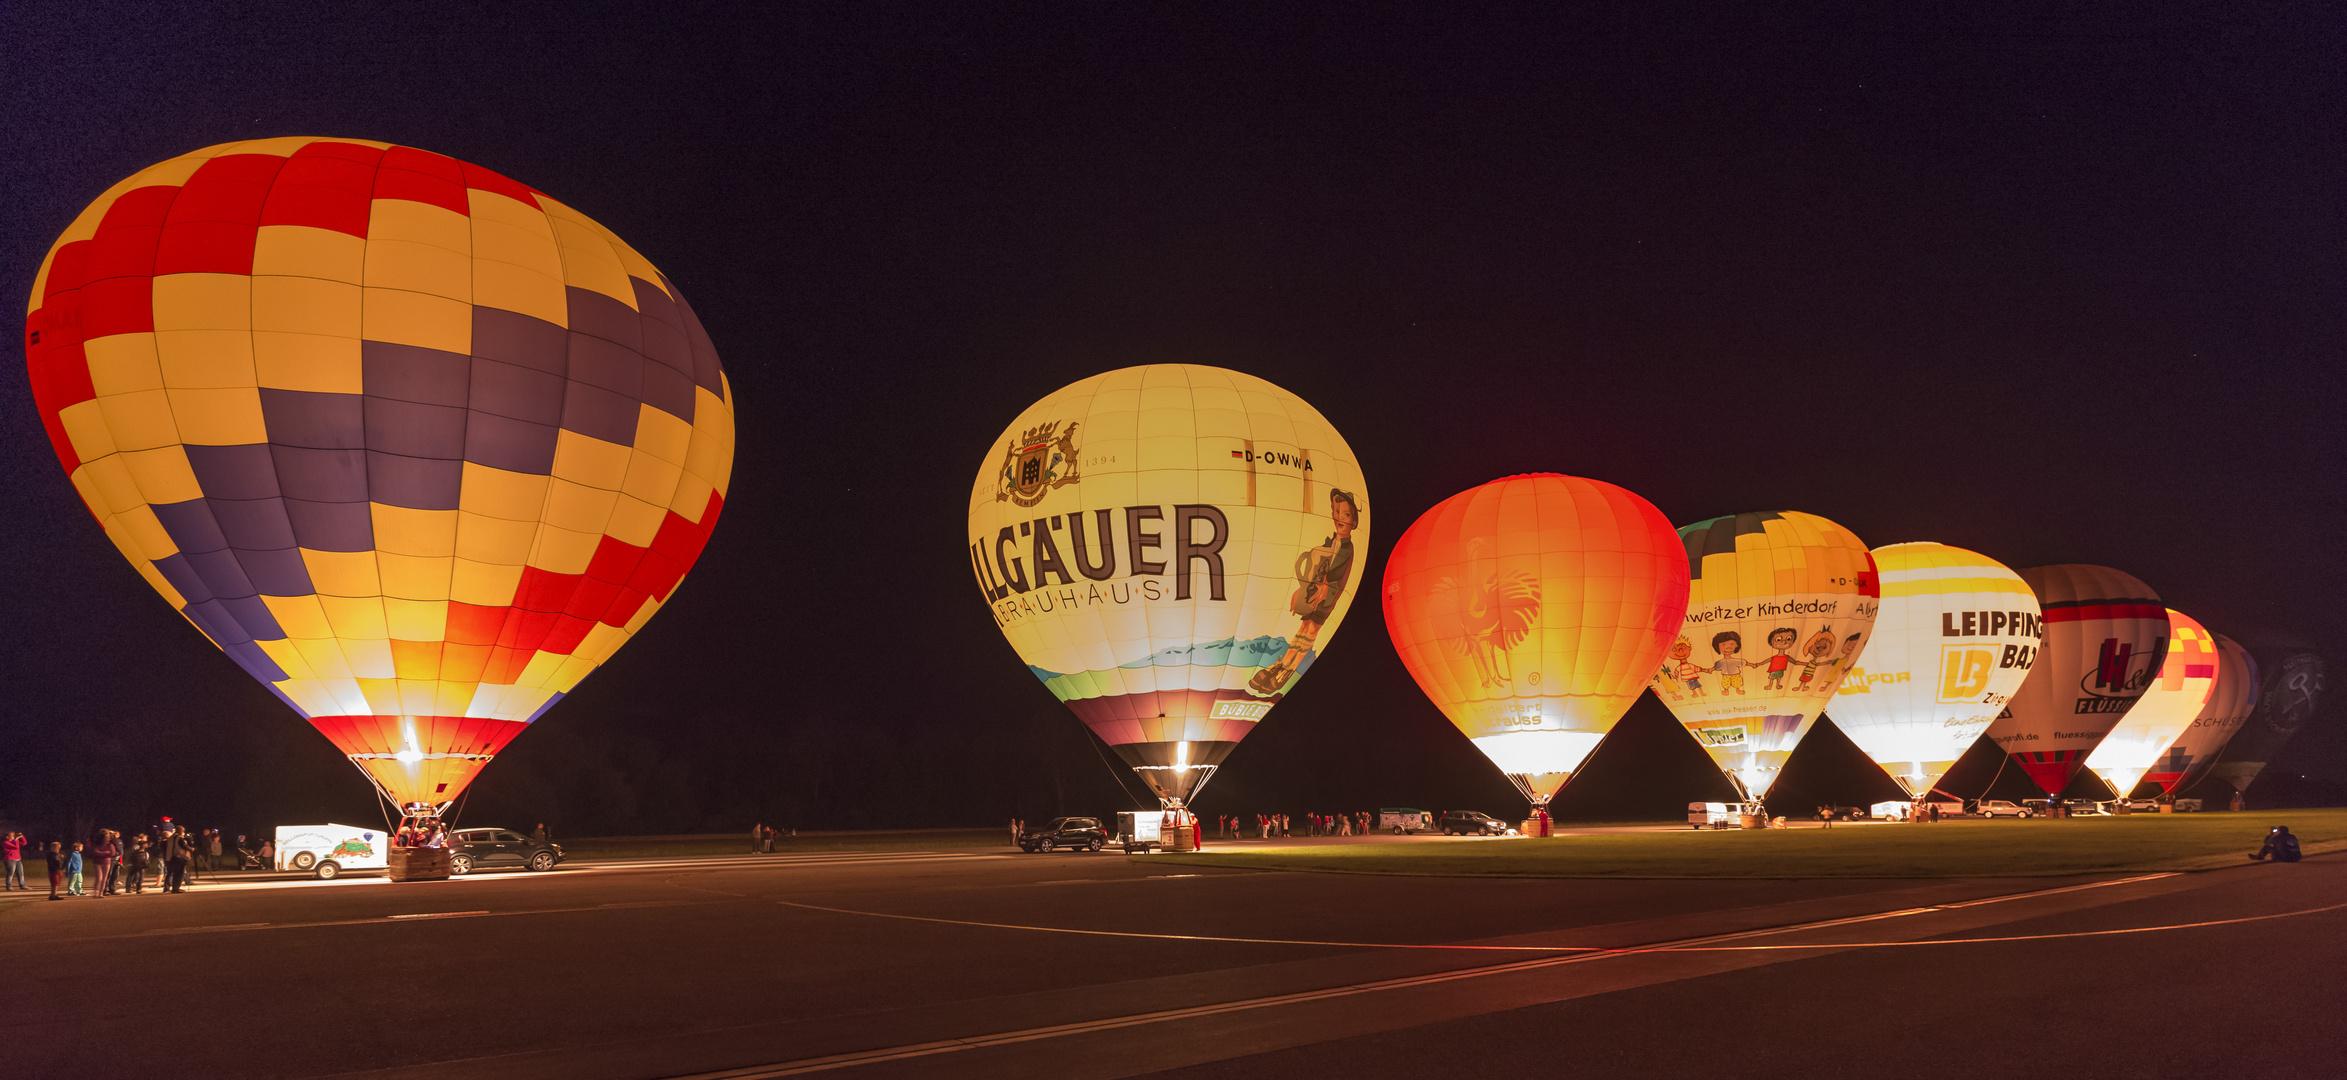 Fesselballonglühen bei Landshut